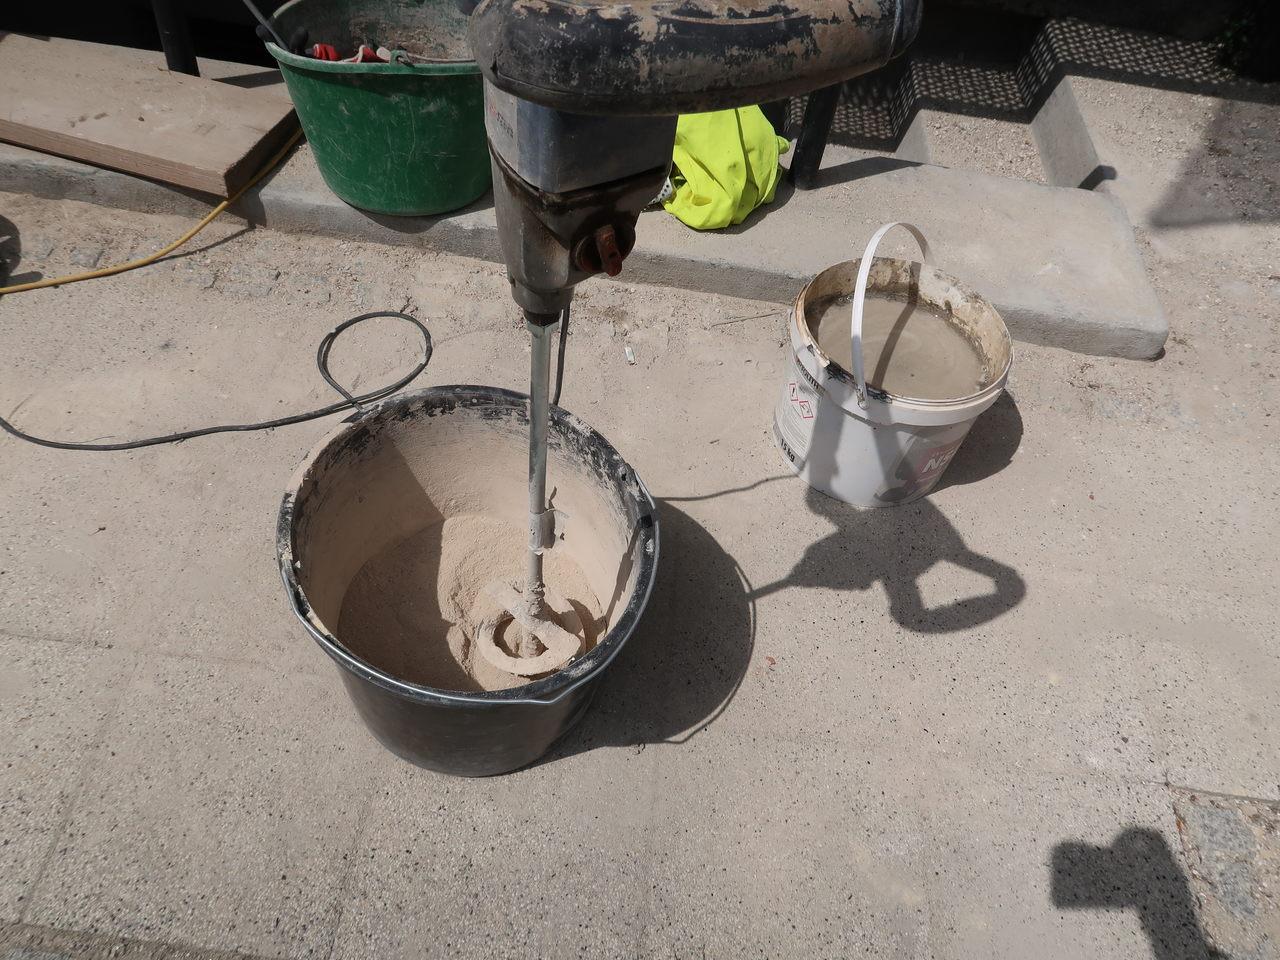 Przygotowywanie materiałów do uzupełnienia ubytków na elewacji, fot. Biuro Miejskiego Konserwatora Zabytków